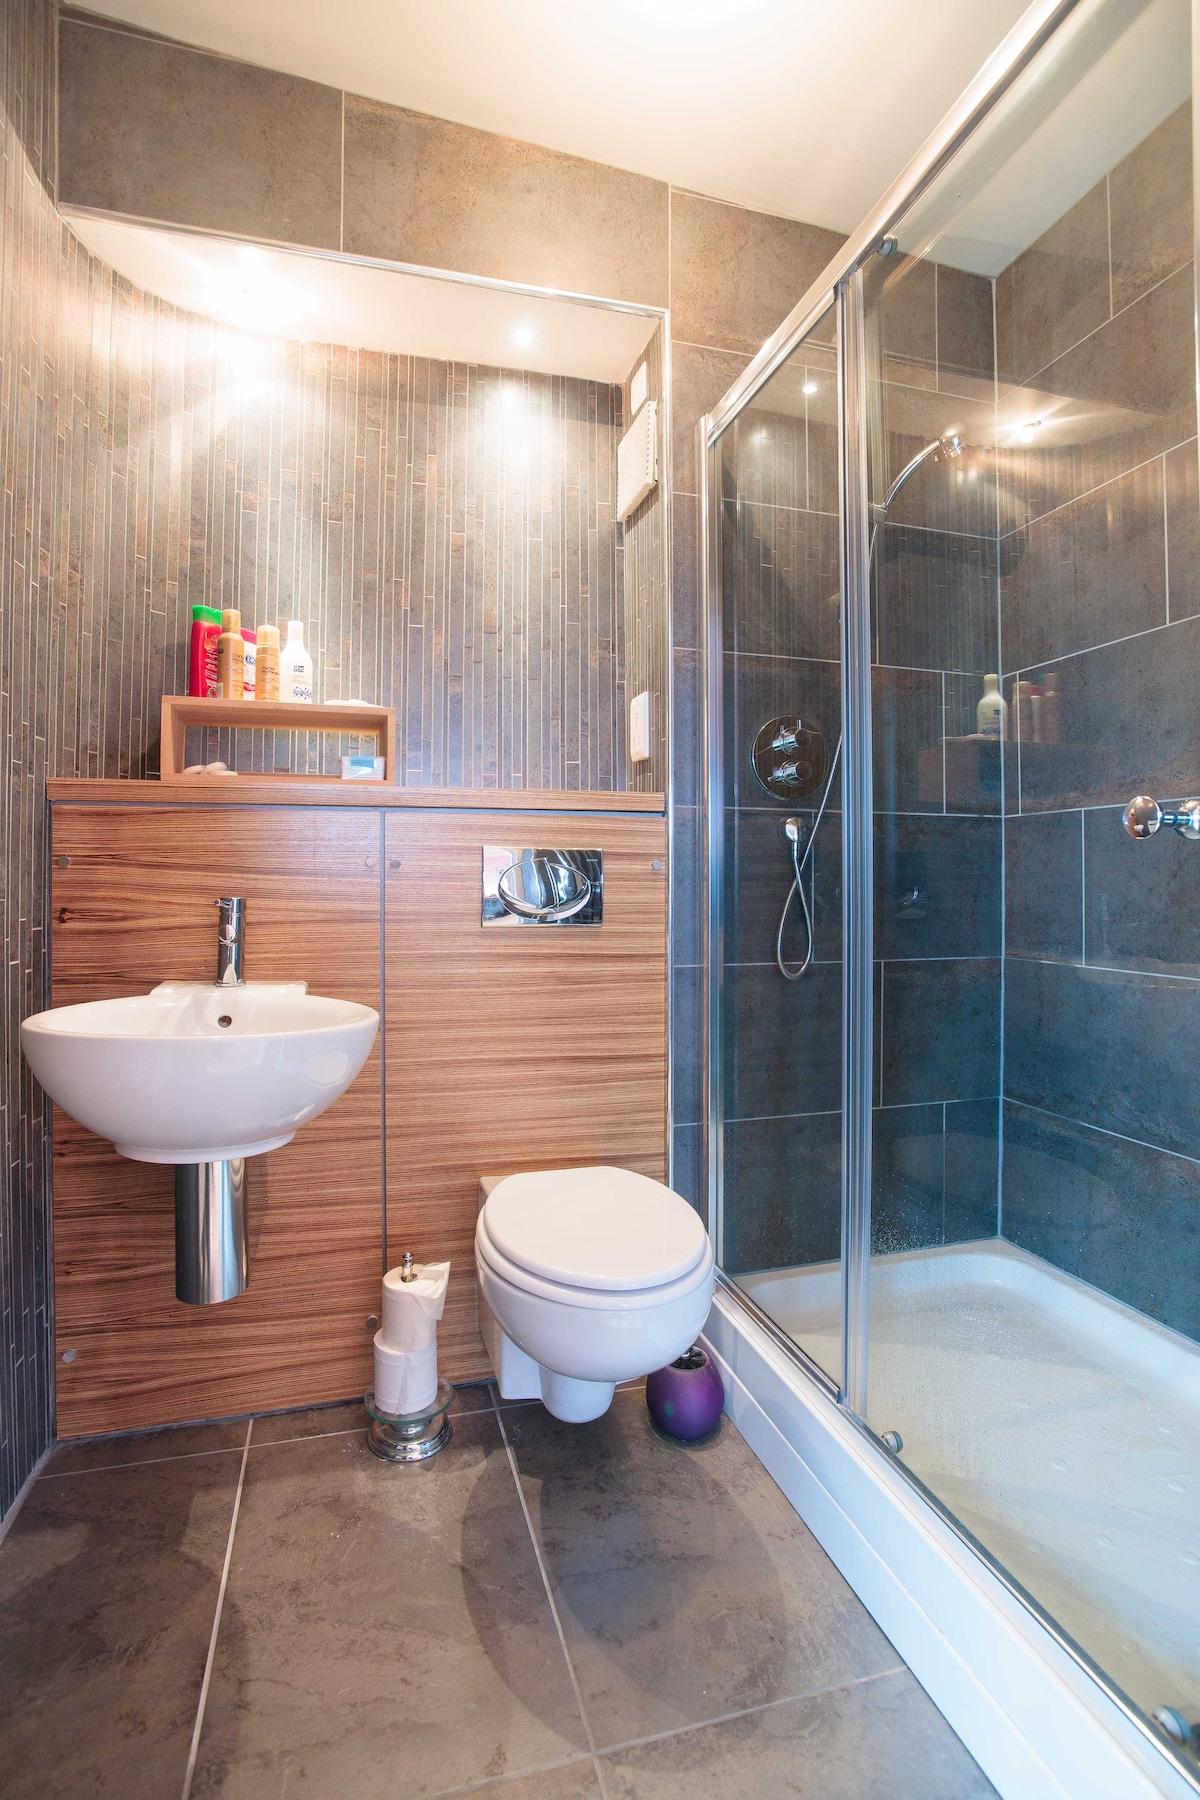 Shower en-suite in master bedroom